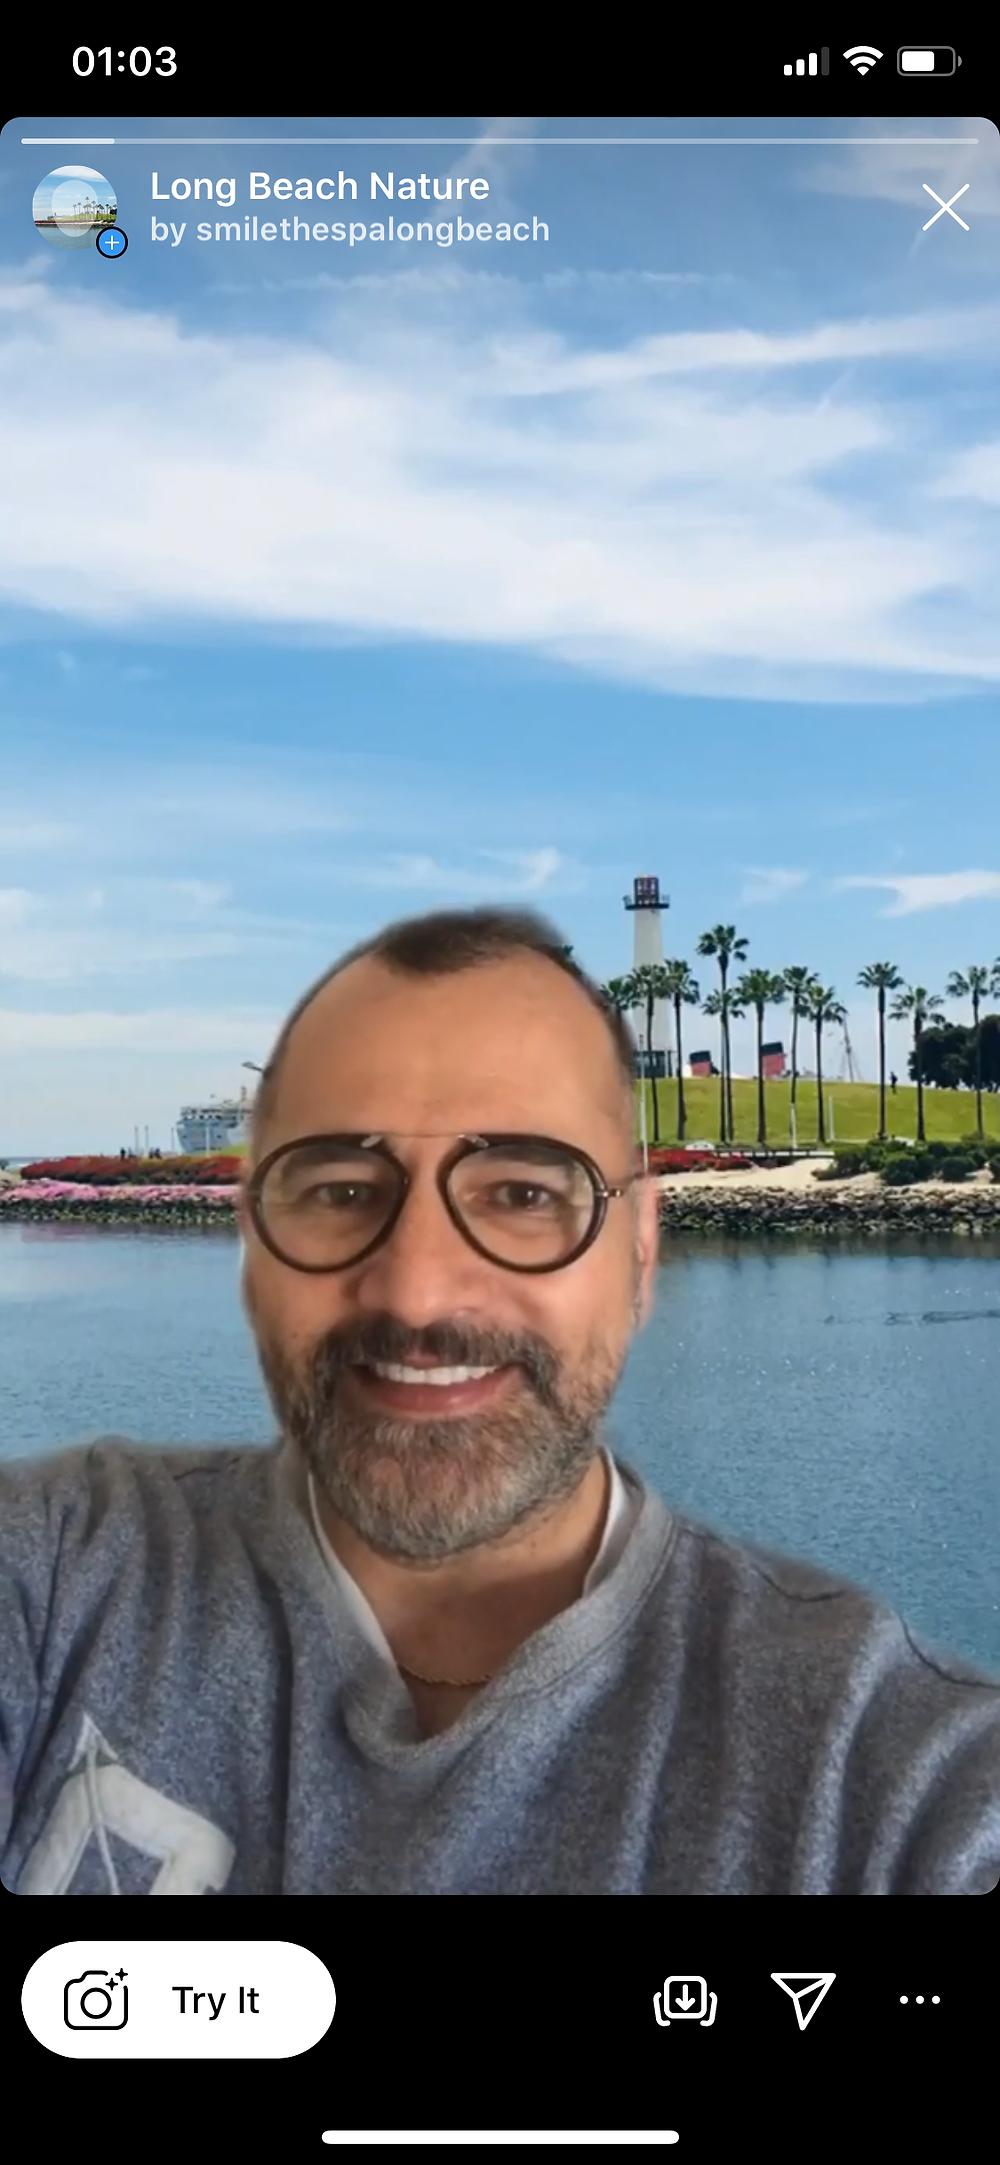 Long Beach Instagram Filter